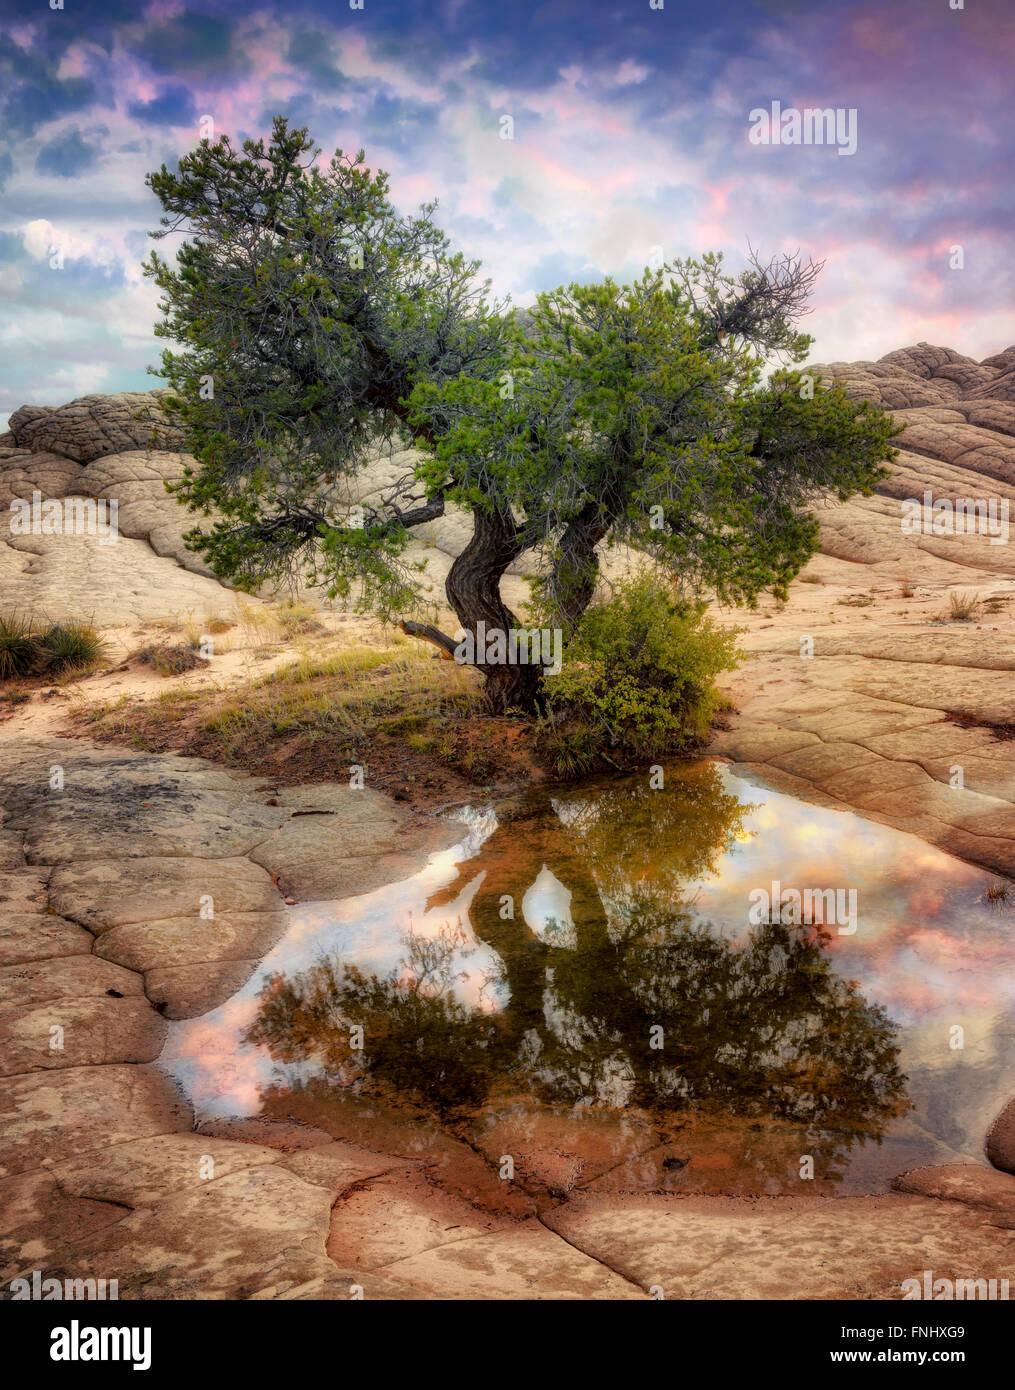 Tasca bianco con acqua di pioggia piscine. Vermilion Cliffs National Monument, Arizona Immagini Stock